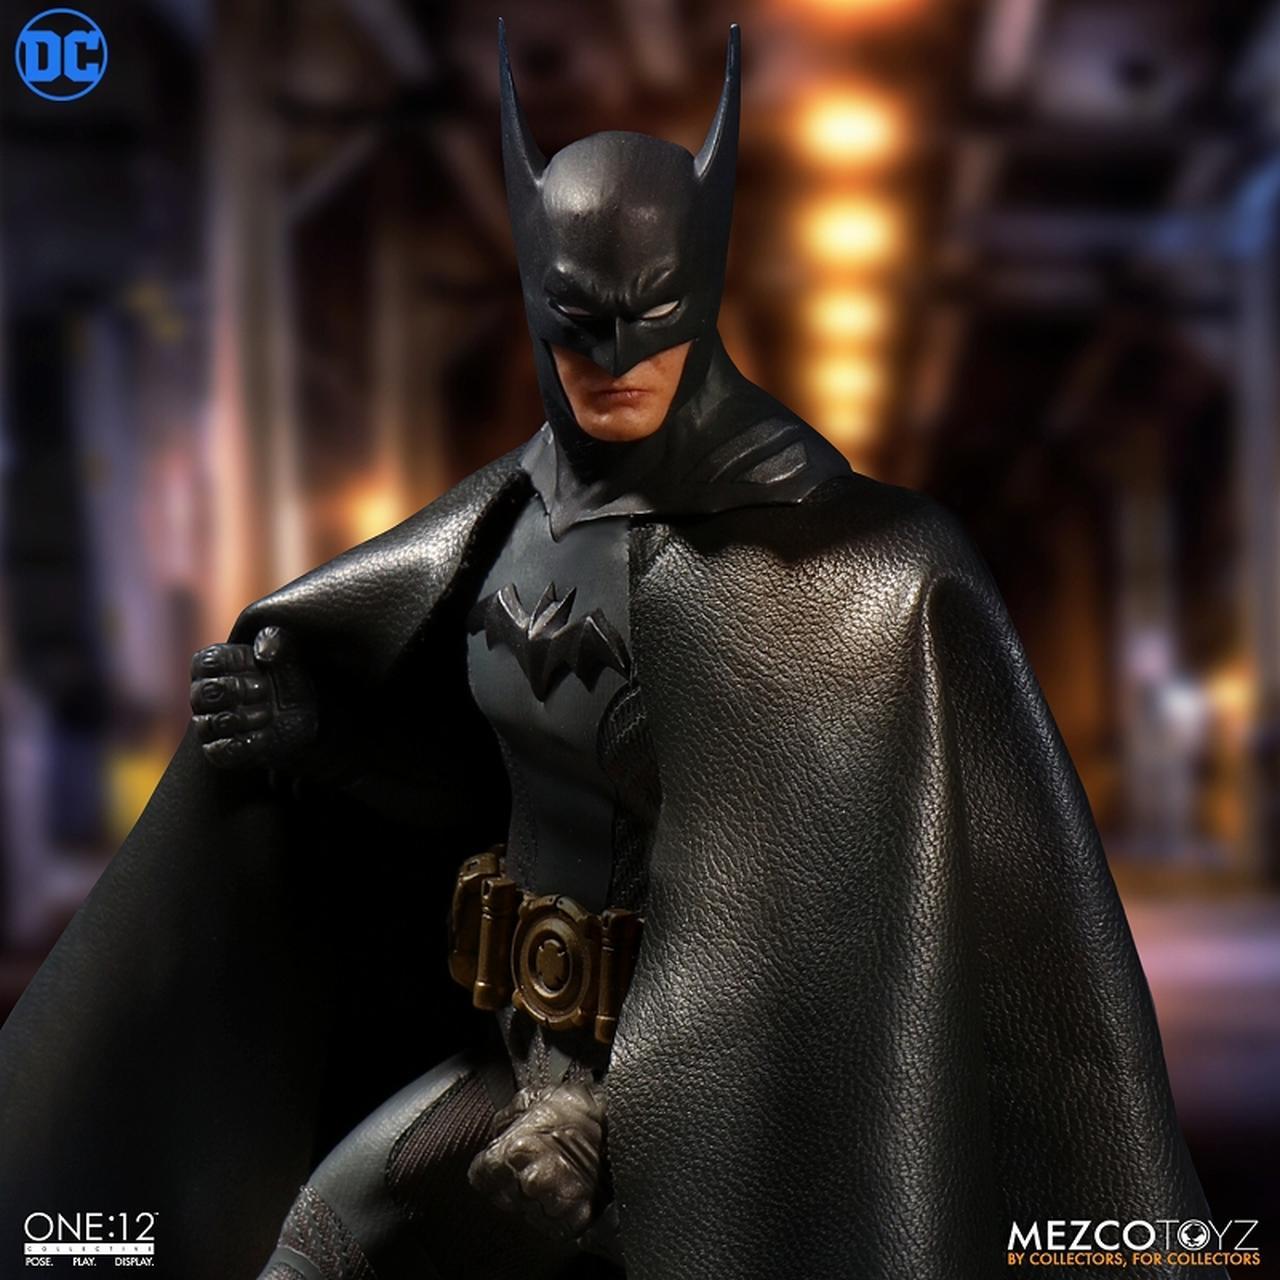 画像2: 「アセンディング・ナイト」版バットマンがフィギュア化! ケレン味あるコミックデザインならでは「バットマン」を再現